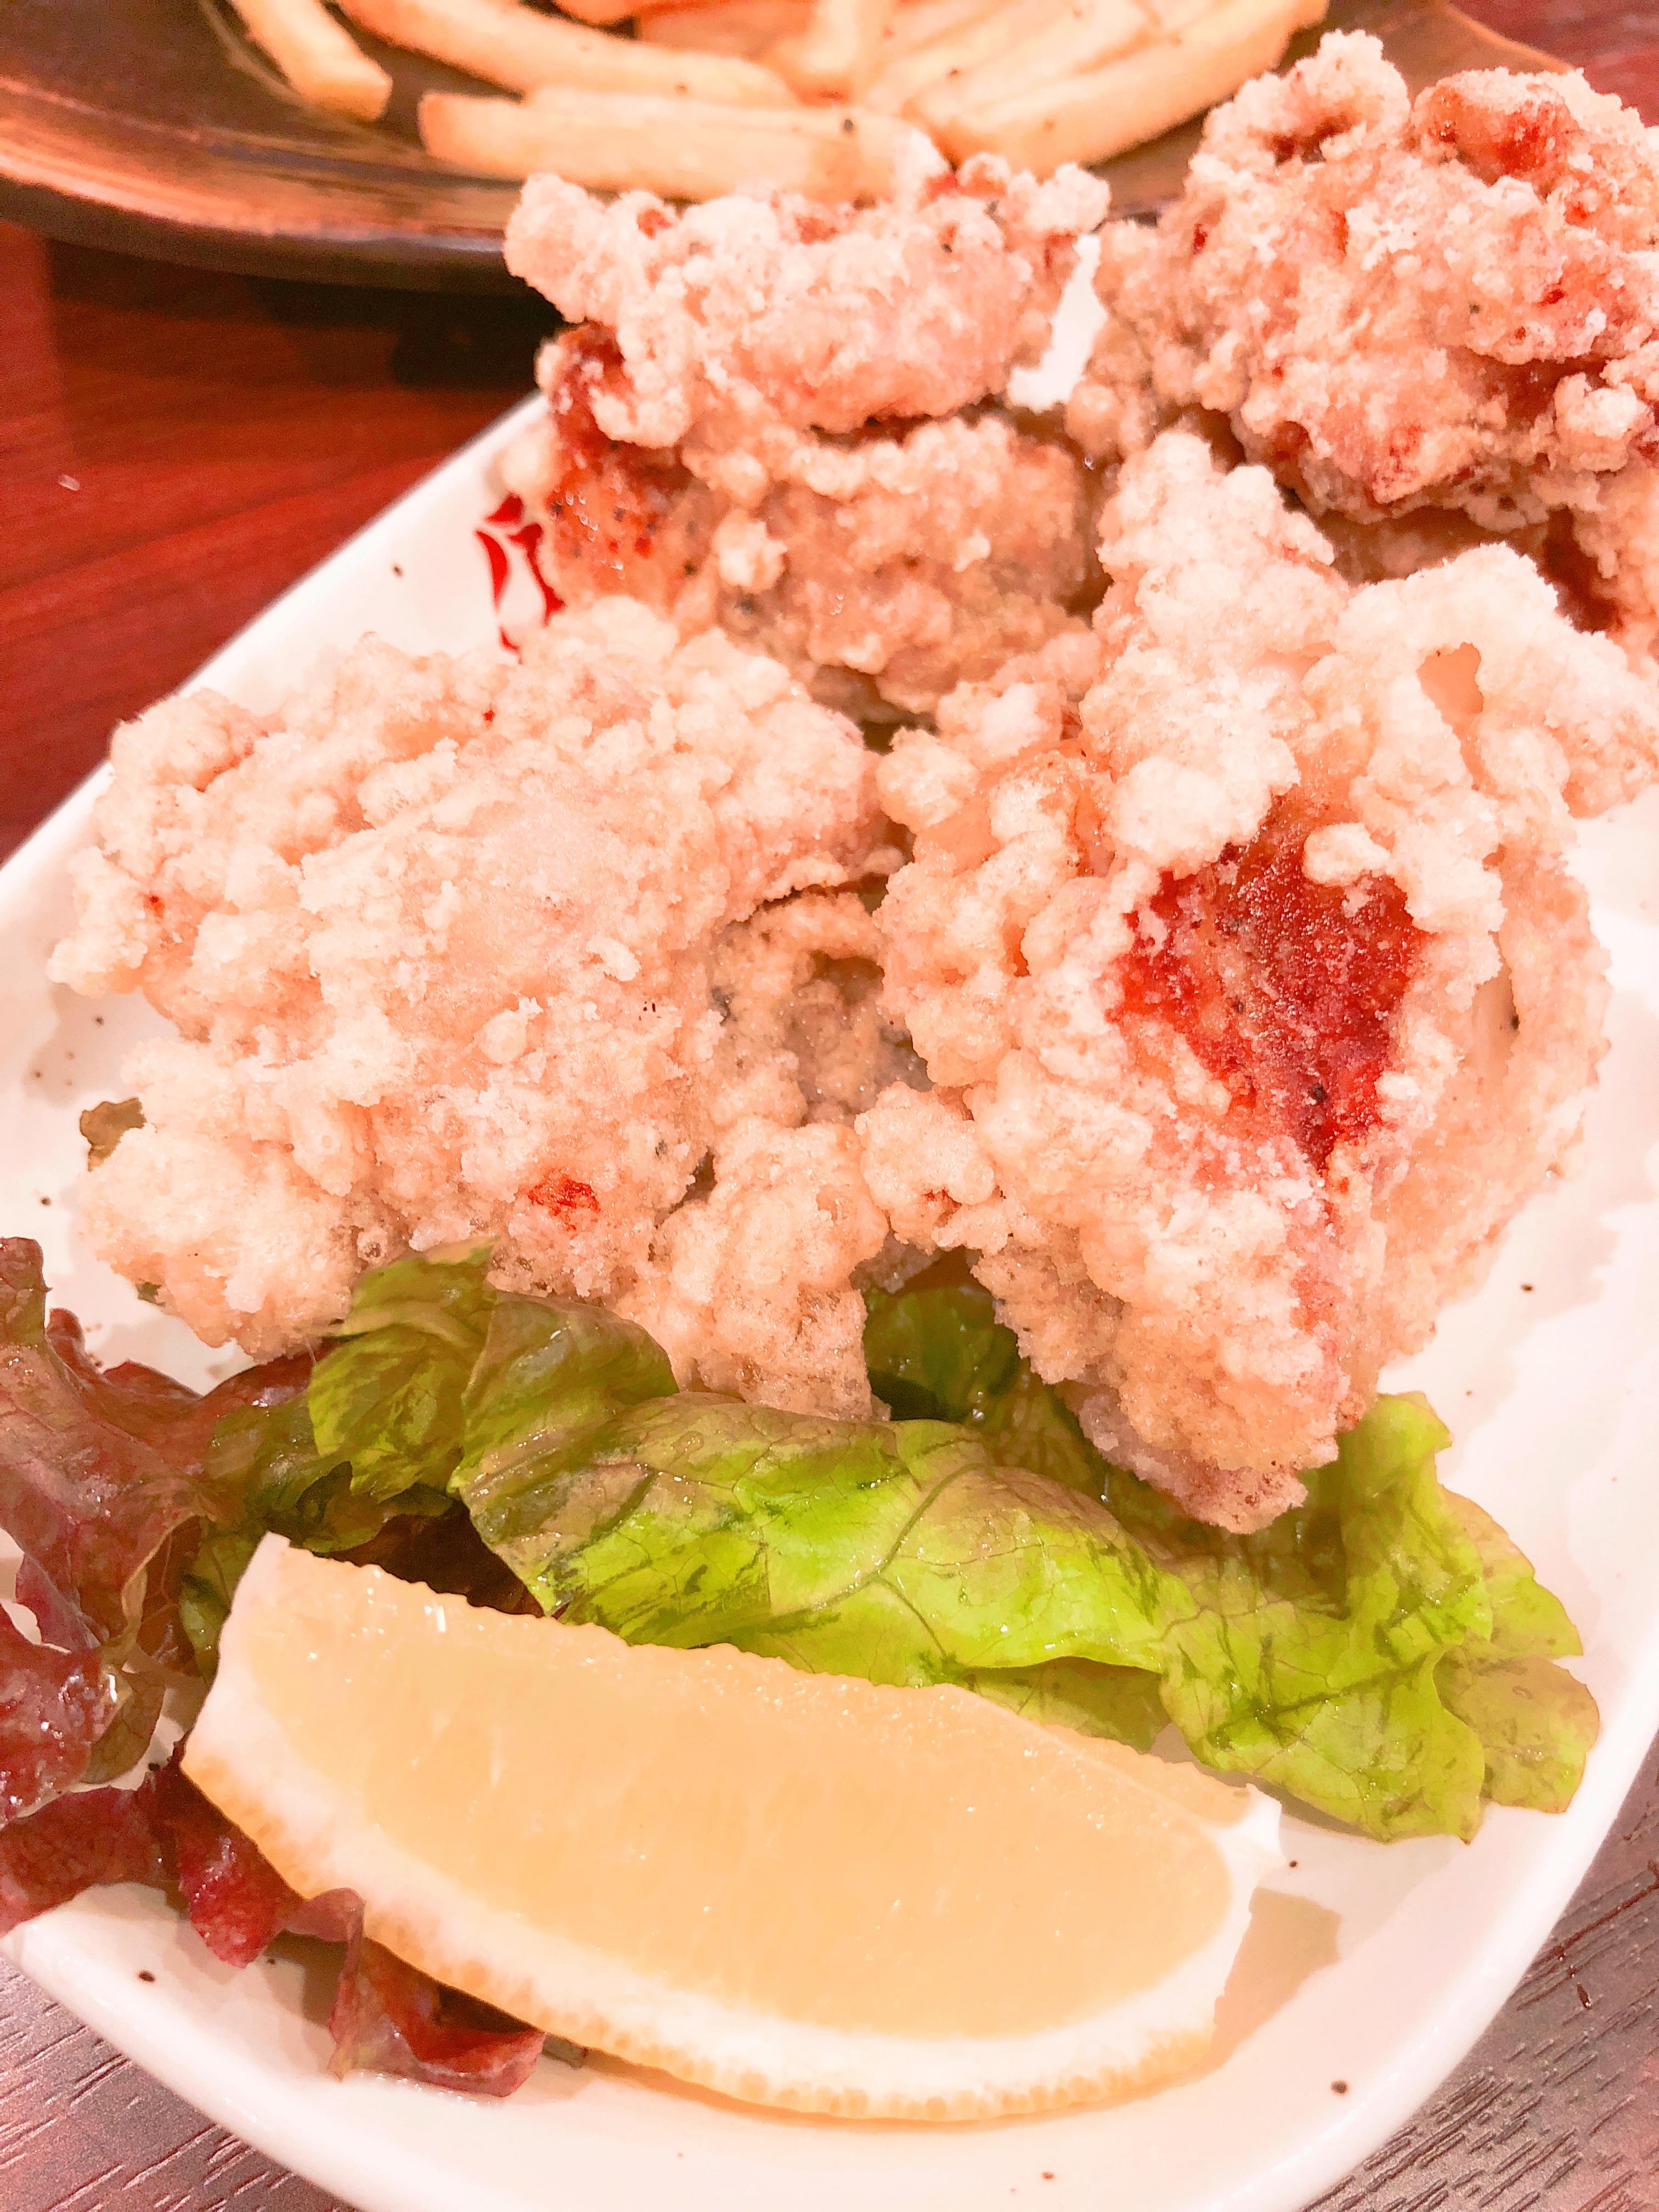 【福岡】綺麗な店内の美味しい餃子屋さん発見!【餃子】